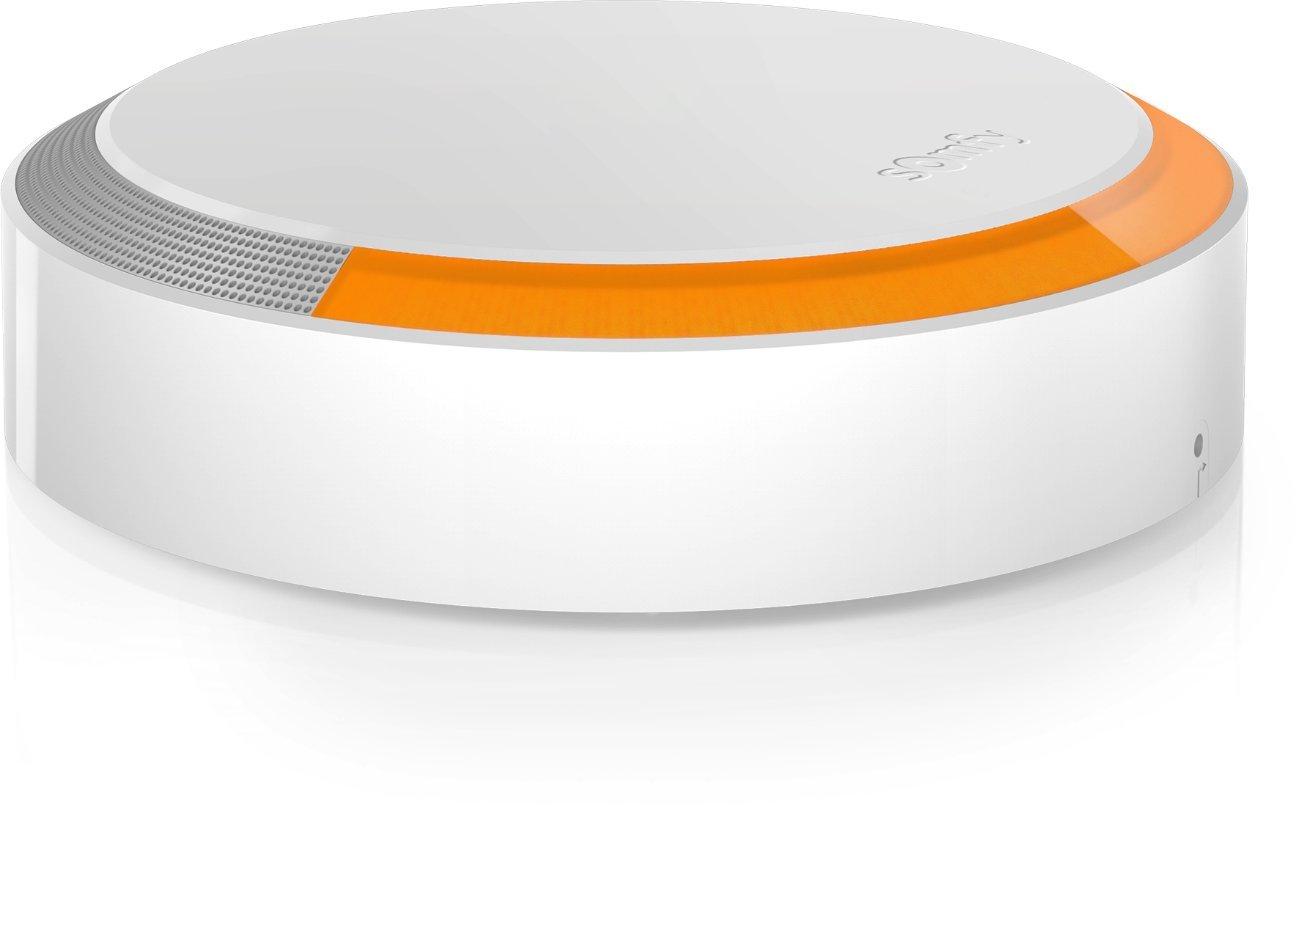 SOMFY - Sirè ne Exté rieure | Sirè ne Exté rieure 112 dB avec Flash Lumineux | Compatible avec Somfy One et Somfy Home Alarm | Batterie Remplaç able (2 ans) | Installation Facile | App pour iOS/Android 2401491A